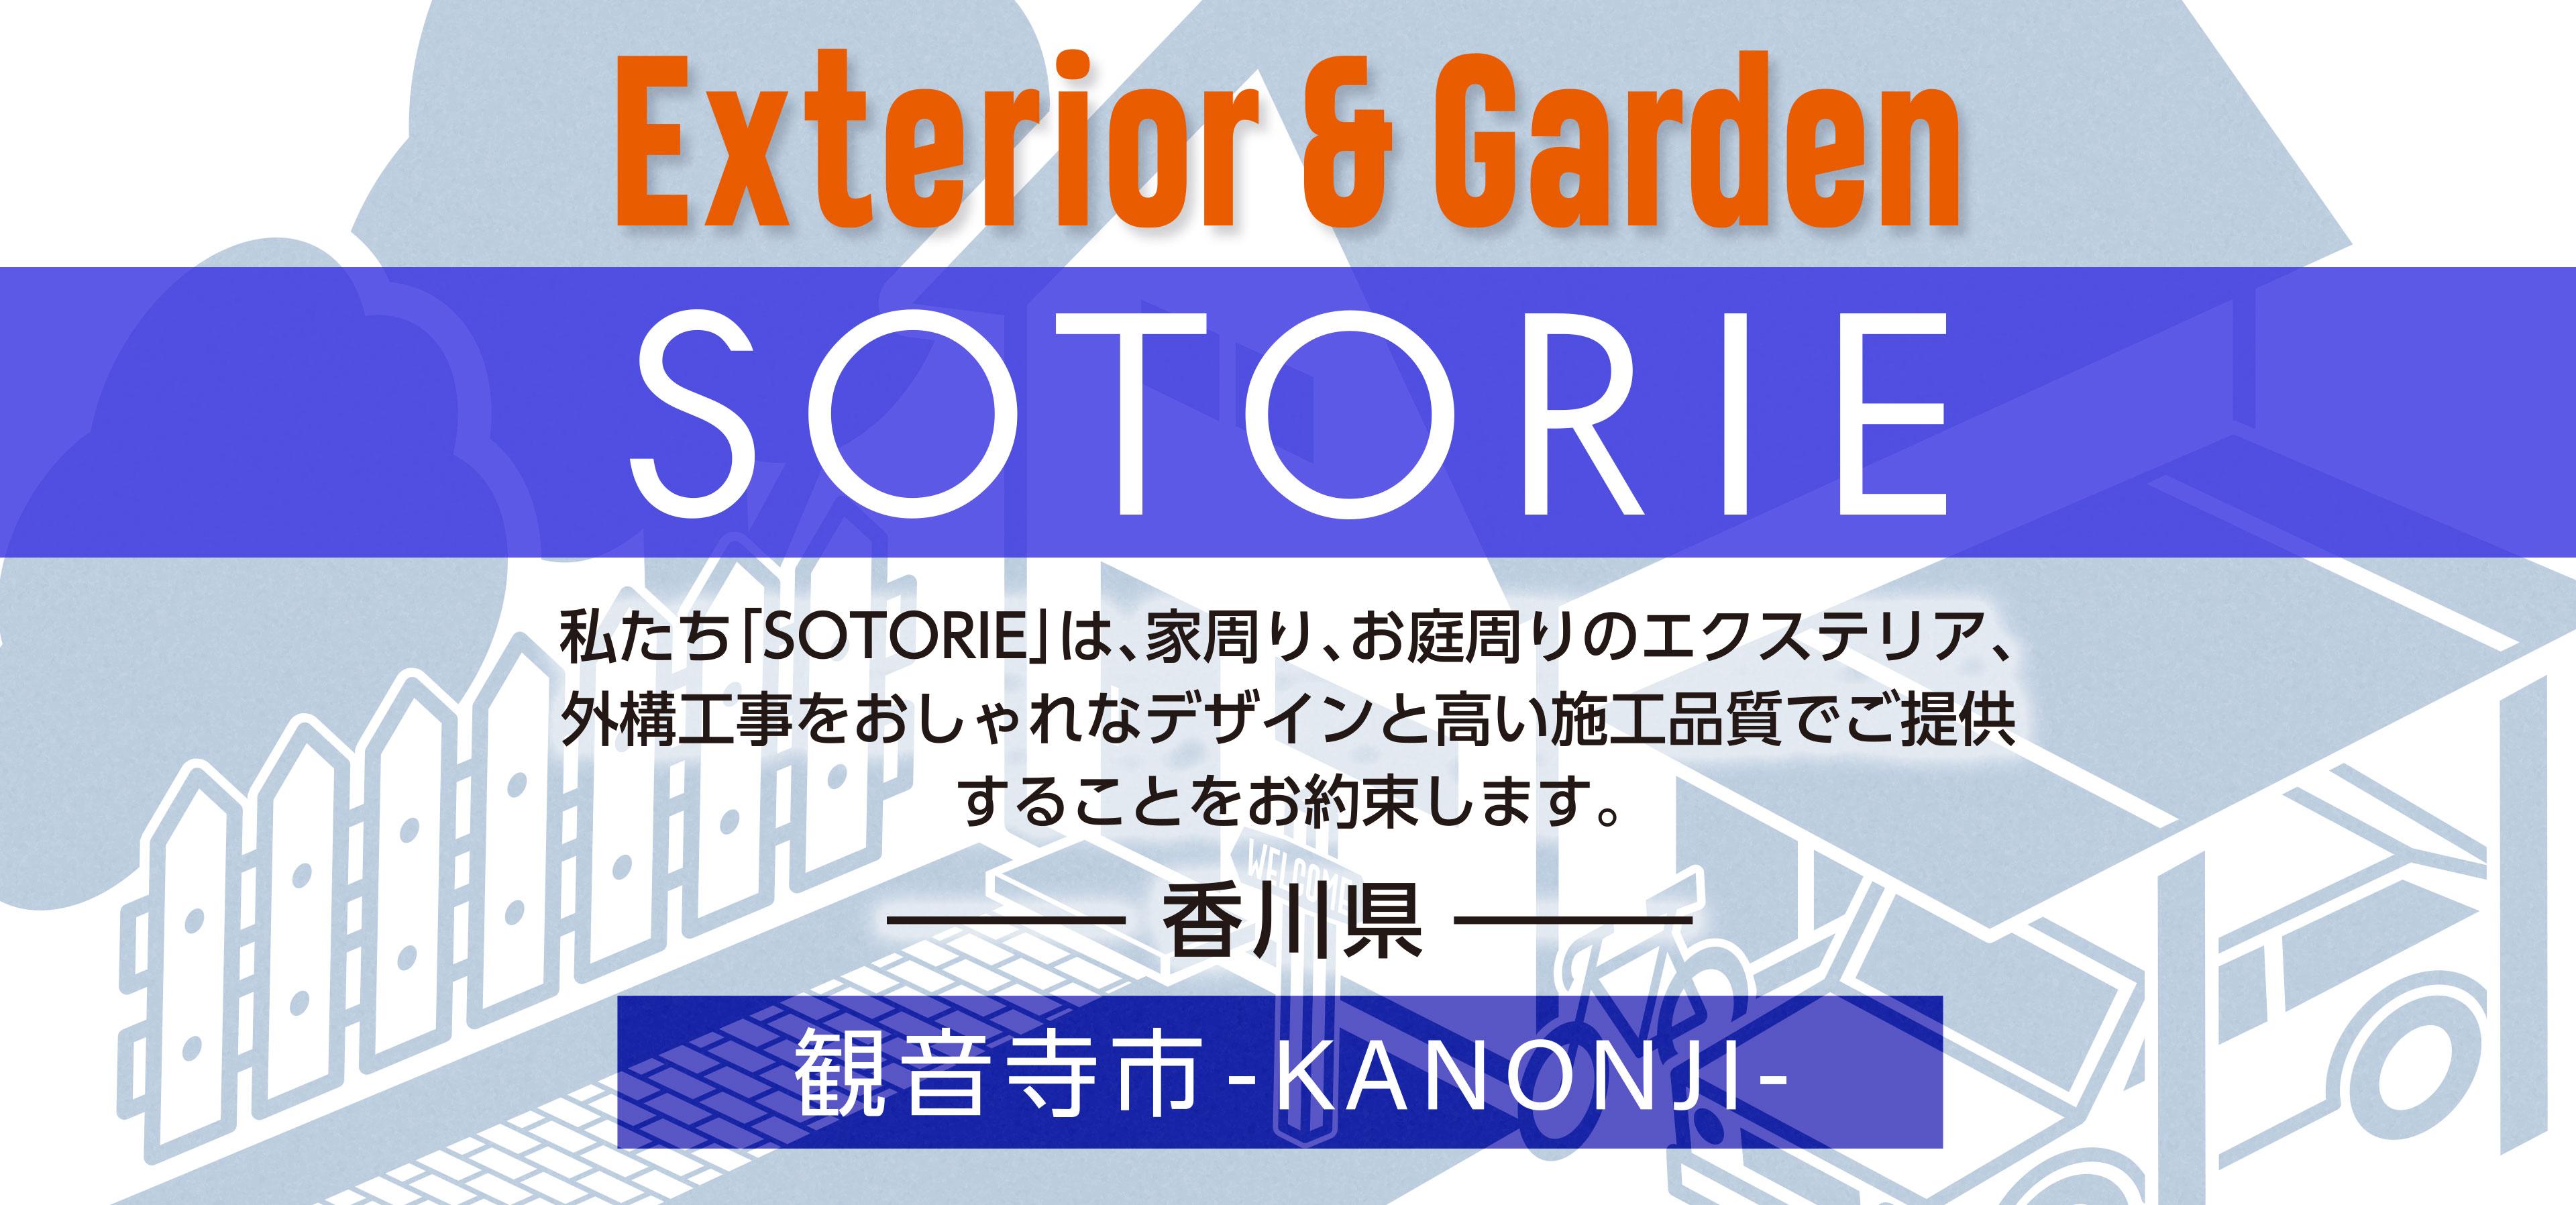 ソトリエ観音寺市では、家周りと庭周りの外構、エクステリア工事をおしゃれなデザインと高い施工品質でご提供することをお約束します。